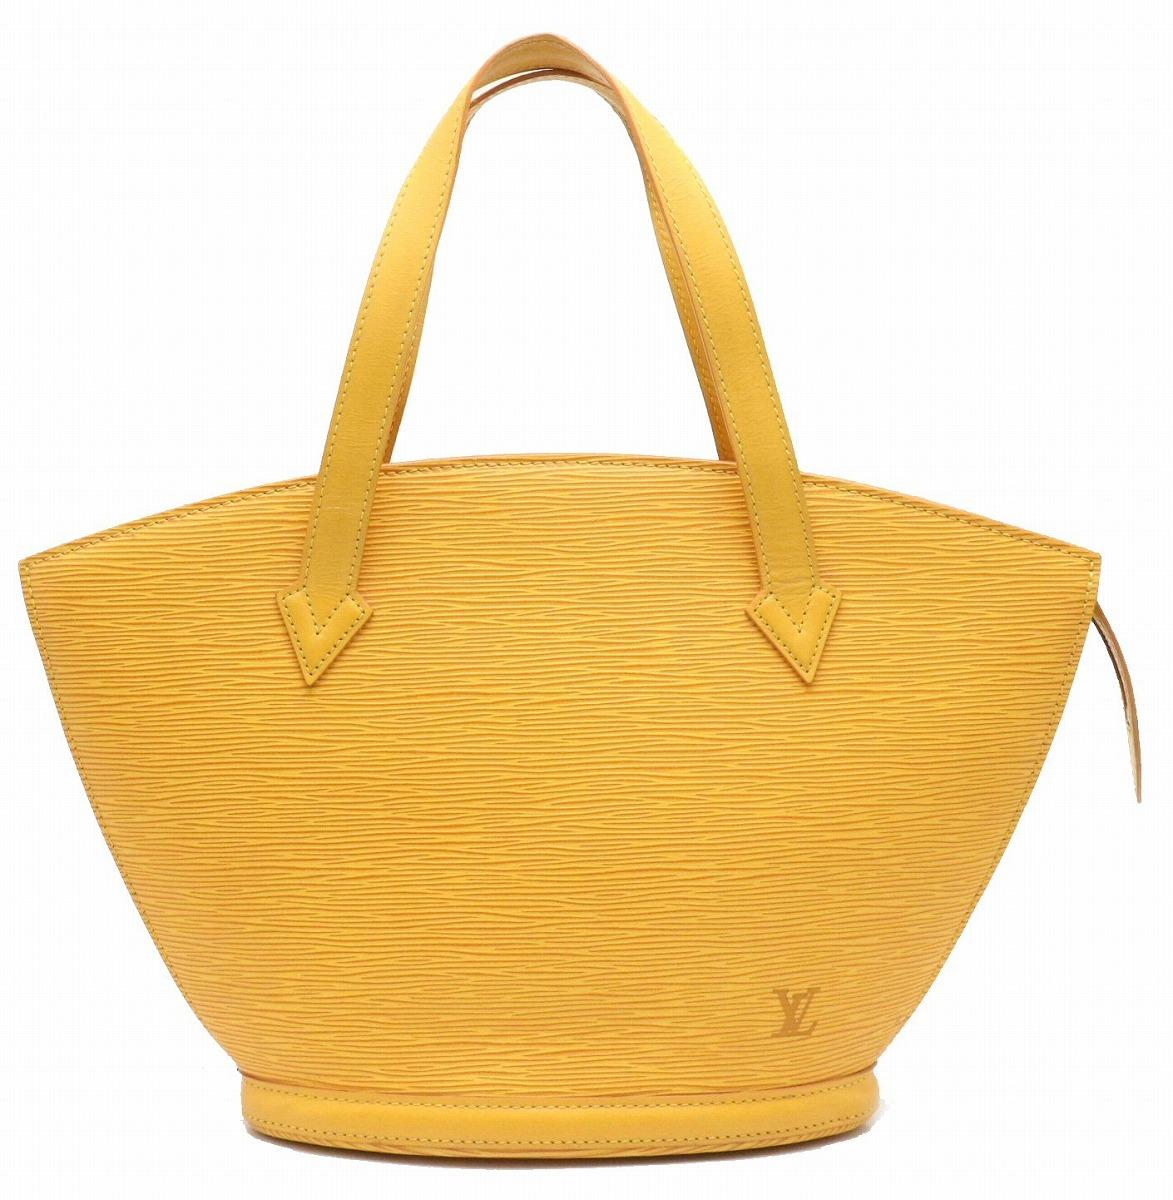 【バッグ】LOUIS VUITTON ルイ ヴィトン エピ サンジャック トートバッグ ハンドバッグ ショルダーバッグ セミショルダー レザー タッシリイエロー 黄色 M52279 【中古】